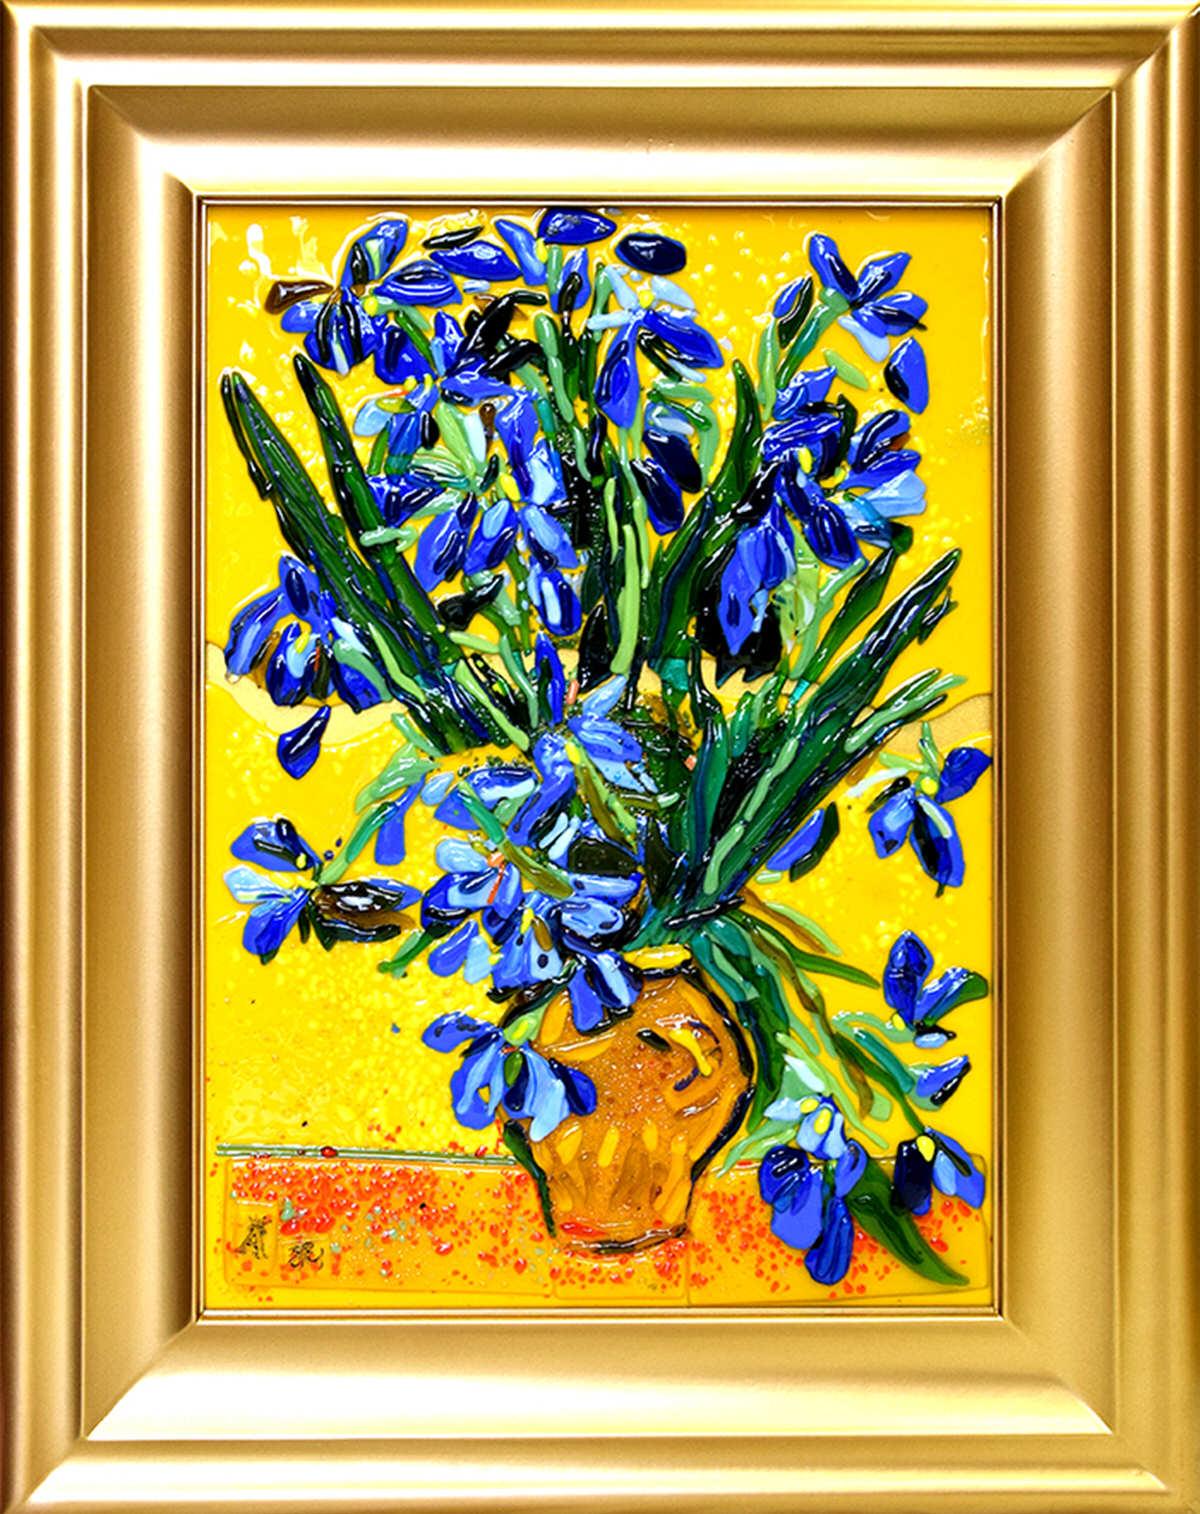 Винсент Ван Гог — Ваза с ирисами на желтом фоне